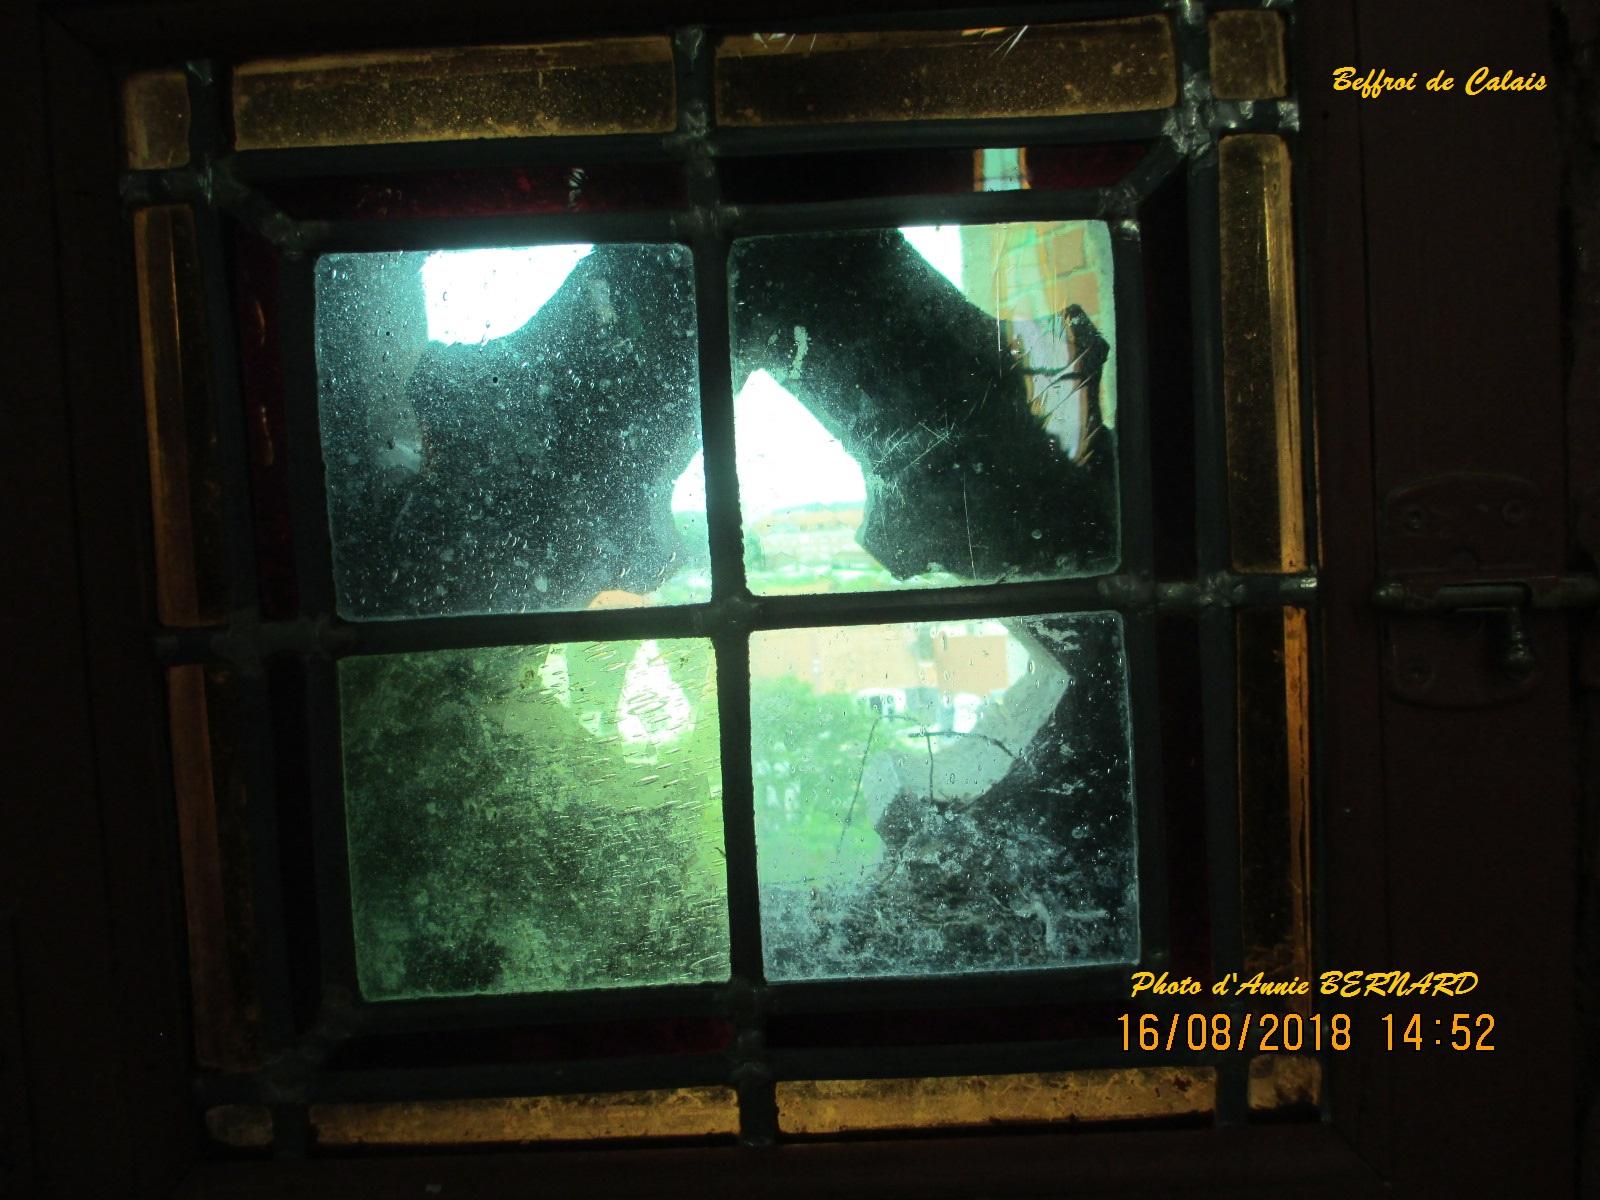 Fenêtre à l'intérieur du Beffroi